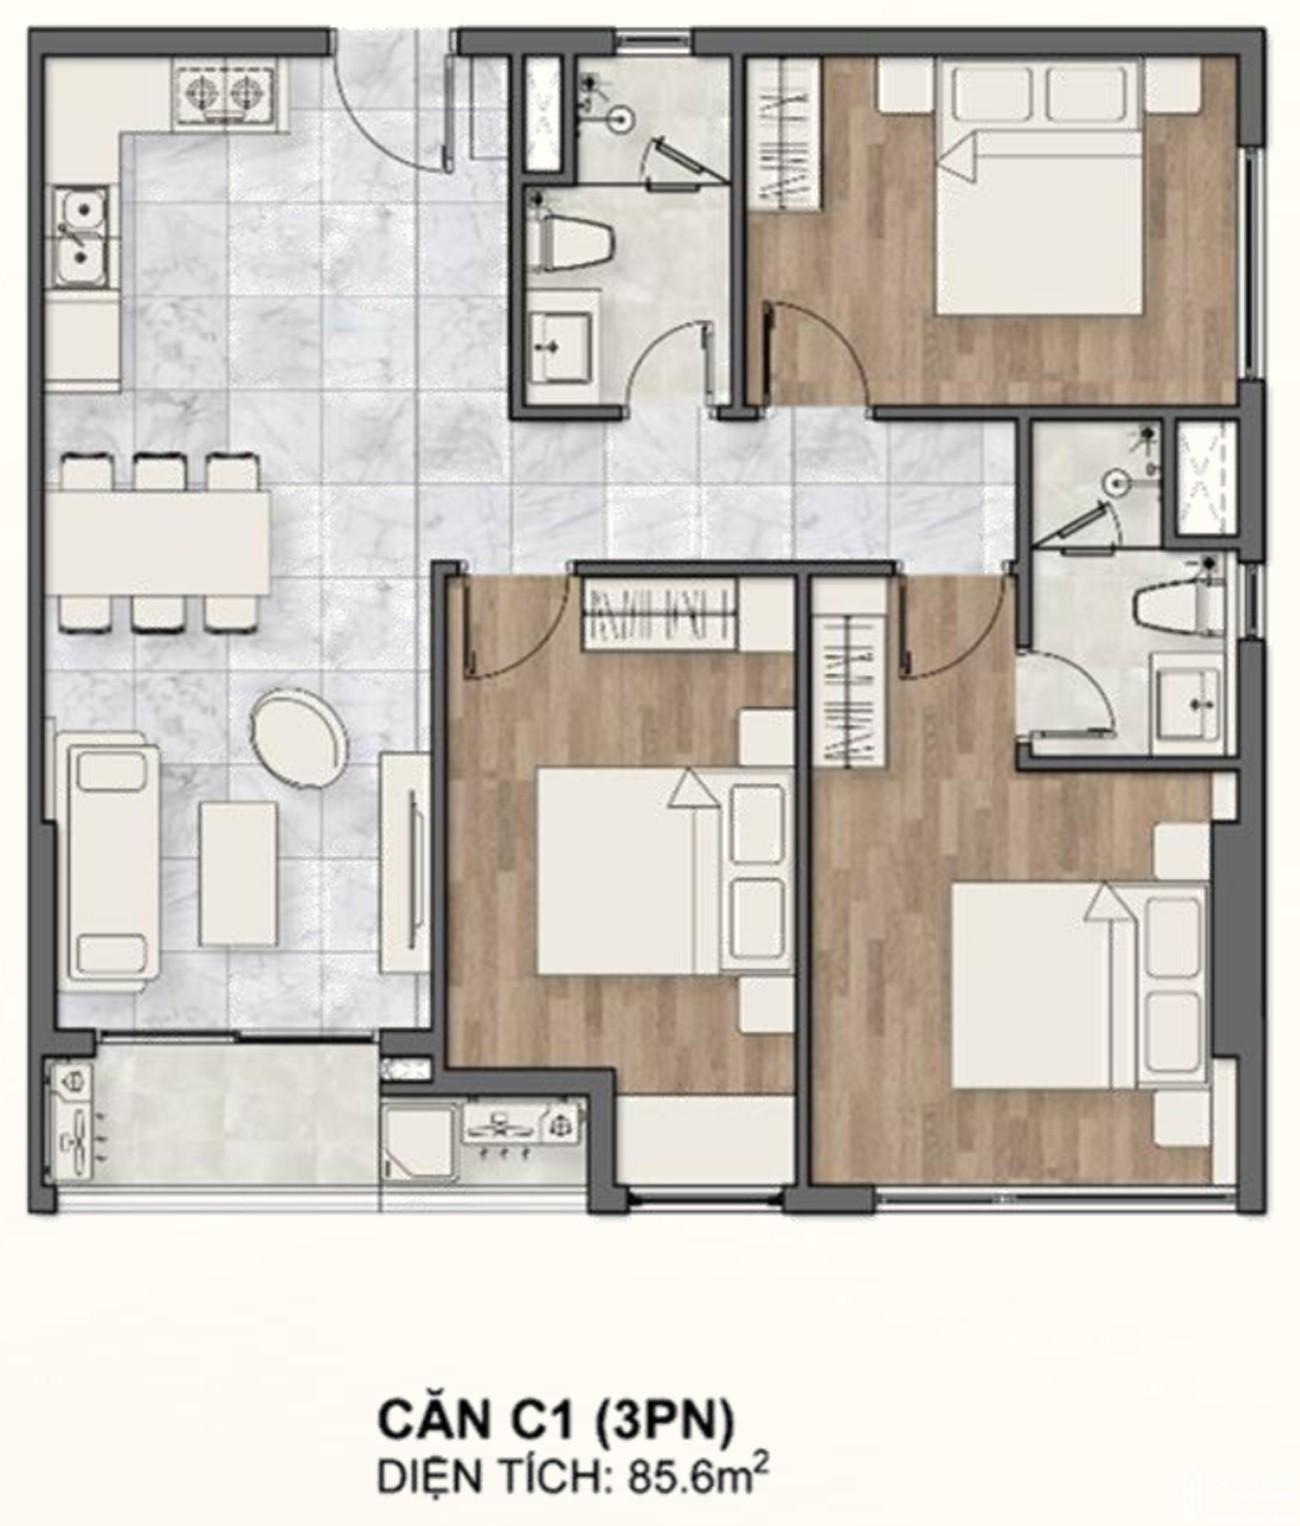 Thiết kế dự án condotel và biệt thự cao cấp Intercontinental Bình Châu Grace Celina Vũng Tàu